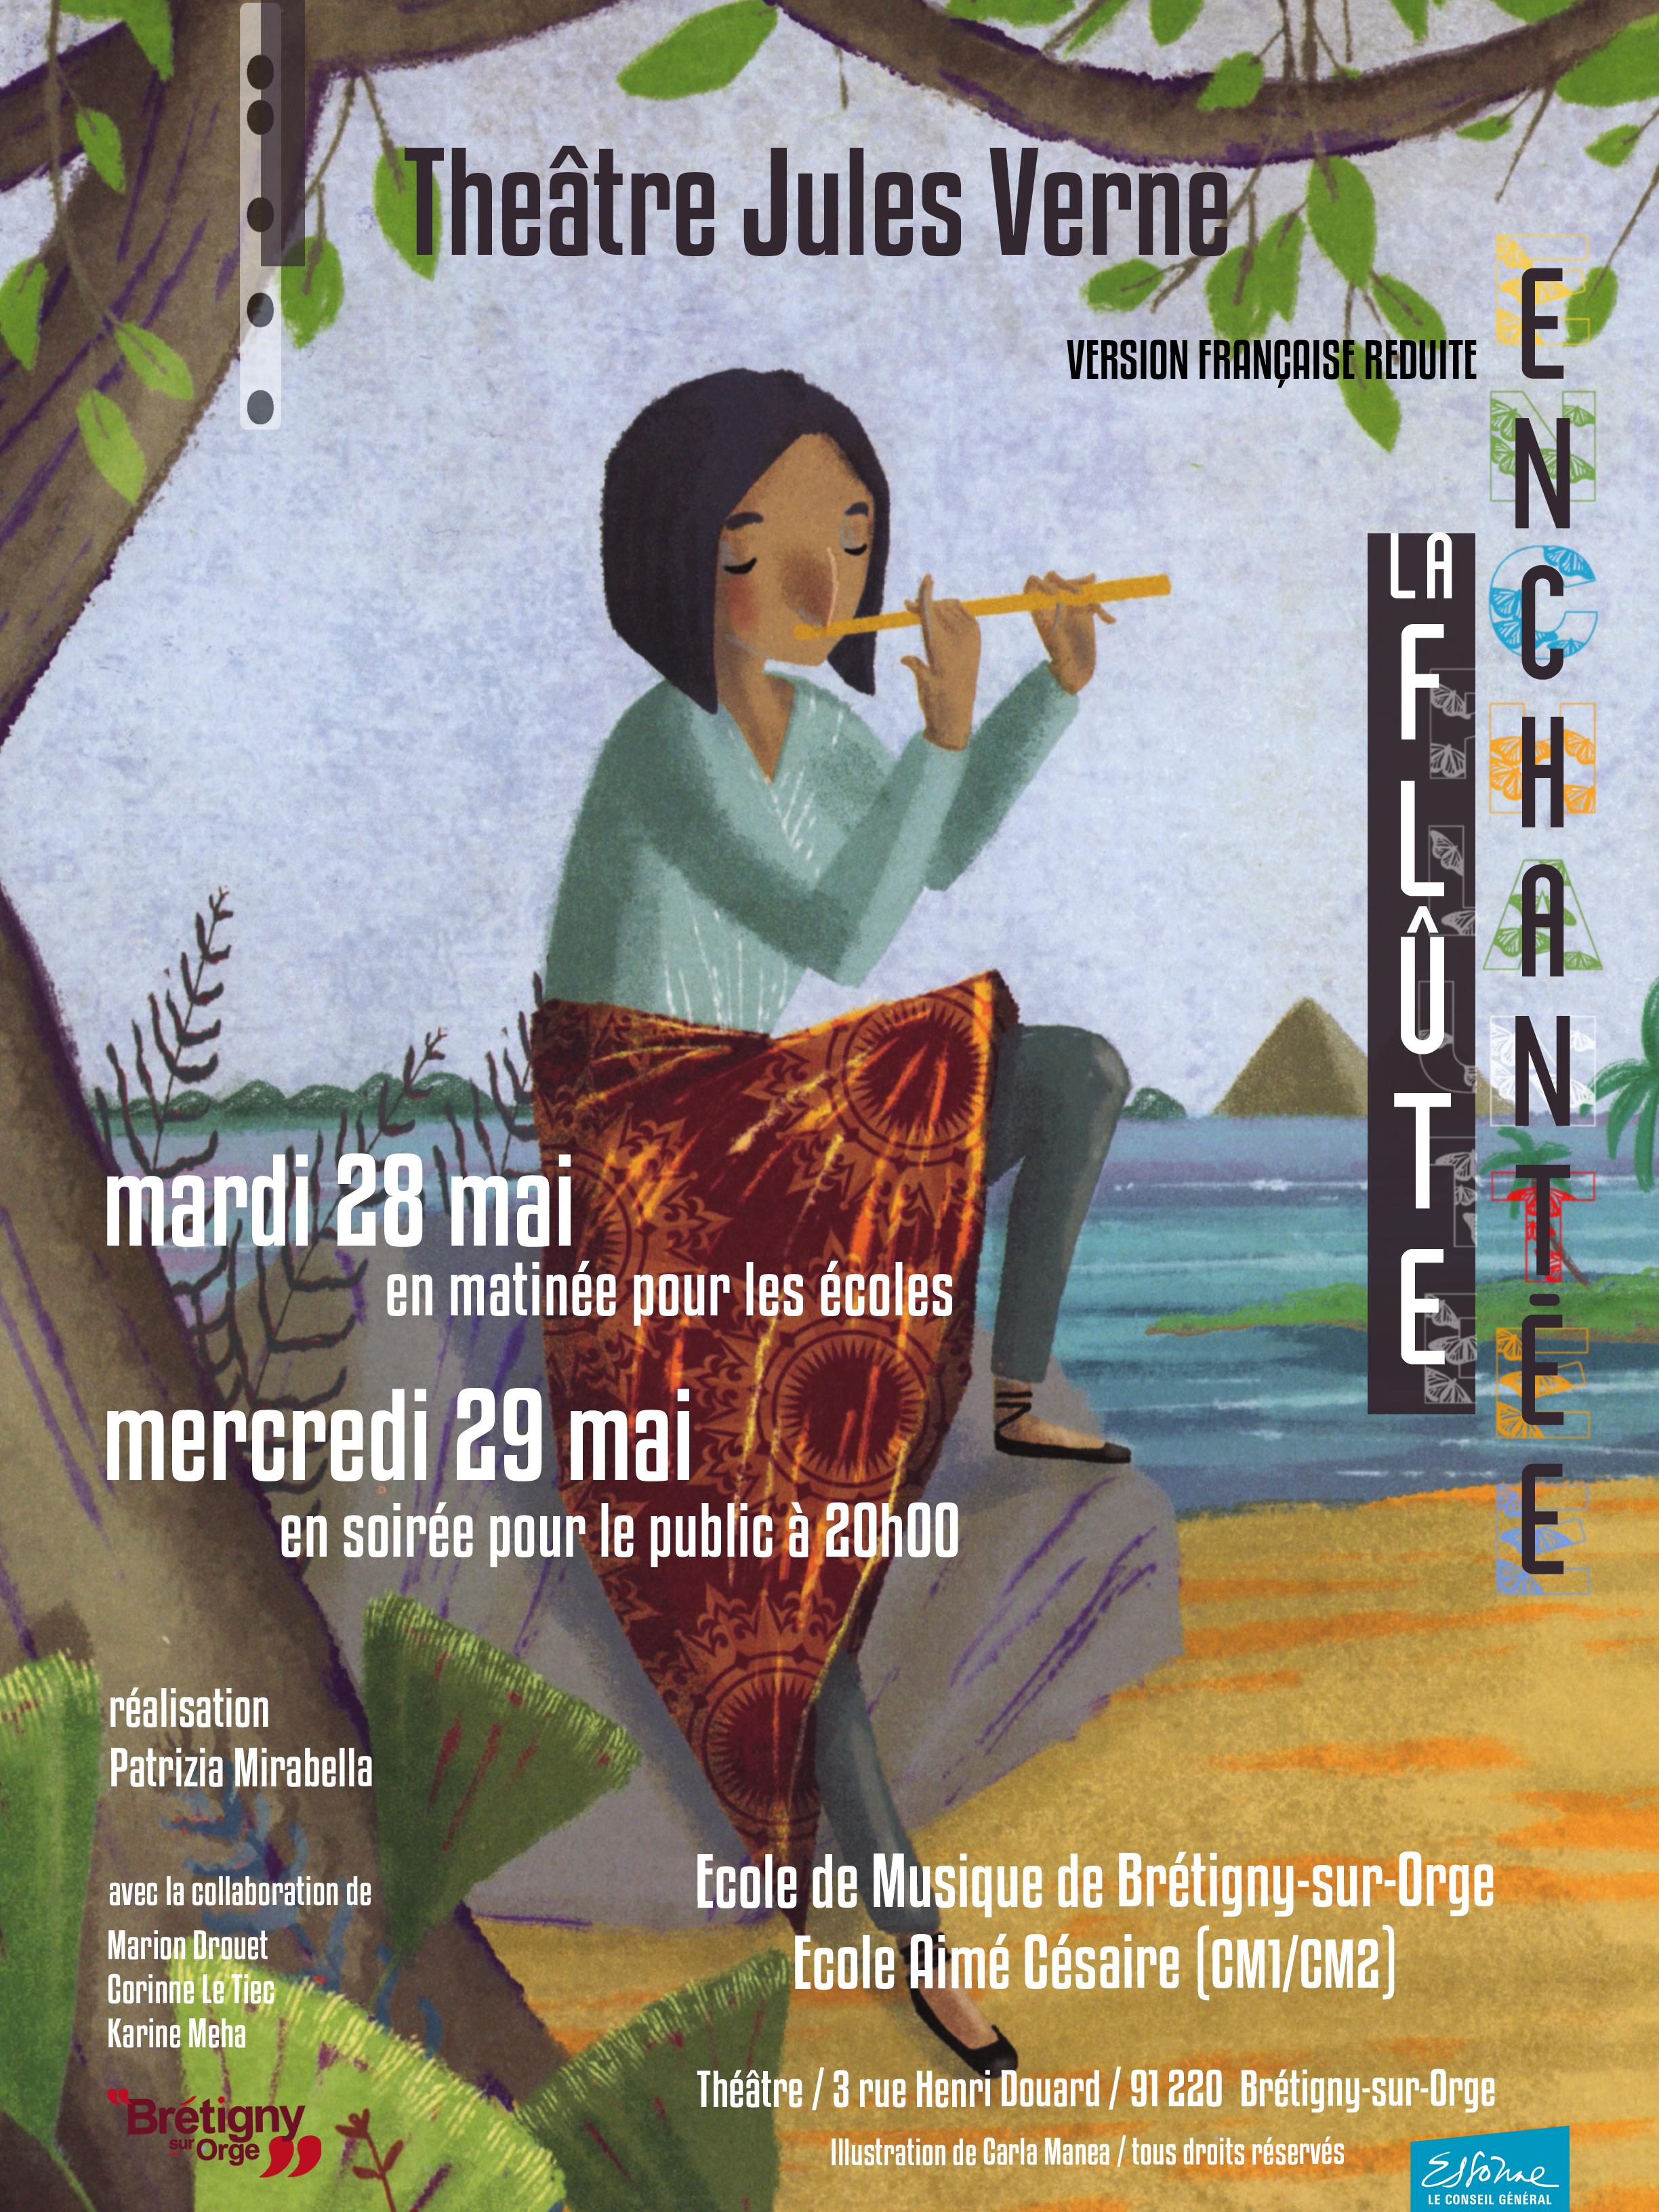 Affiche geste musicien flûte enchantée Mozart